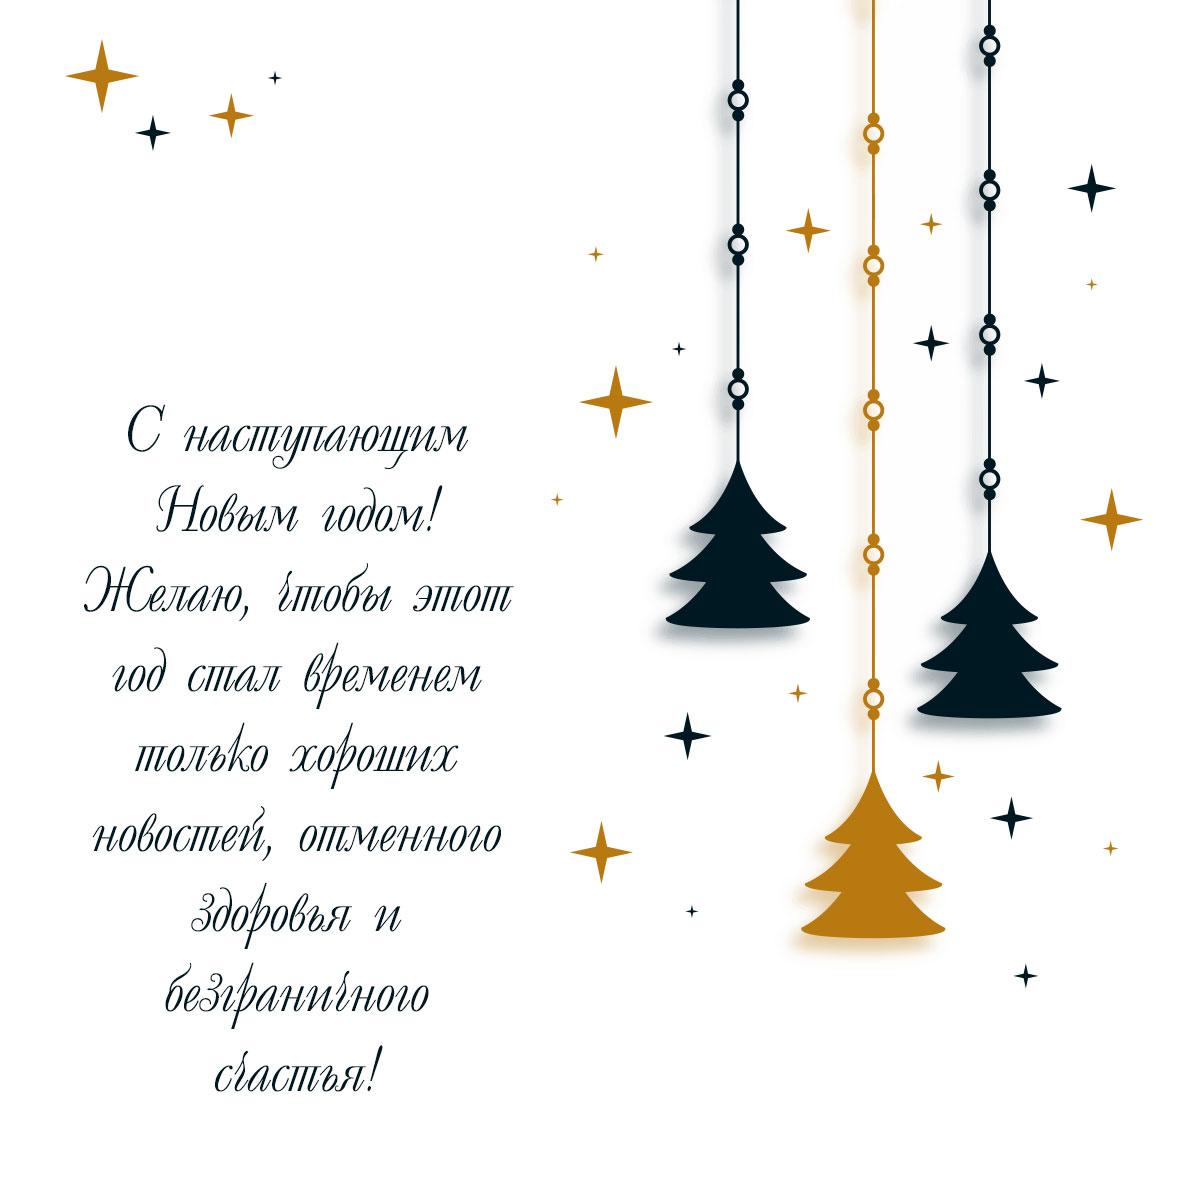 Картинка с текстом поздравления с новым годом в прозе на белом фоне с подвесками в виде чёрных и золотых ёлок со звёздочками.